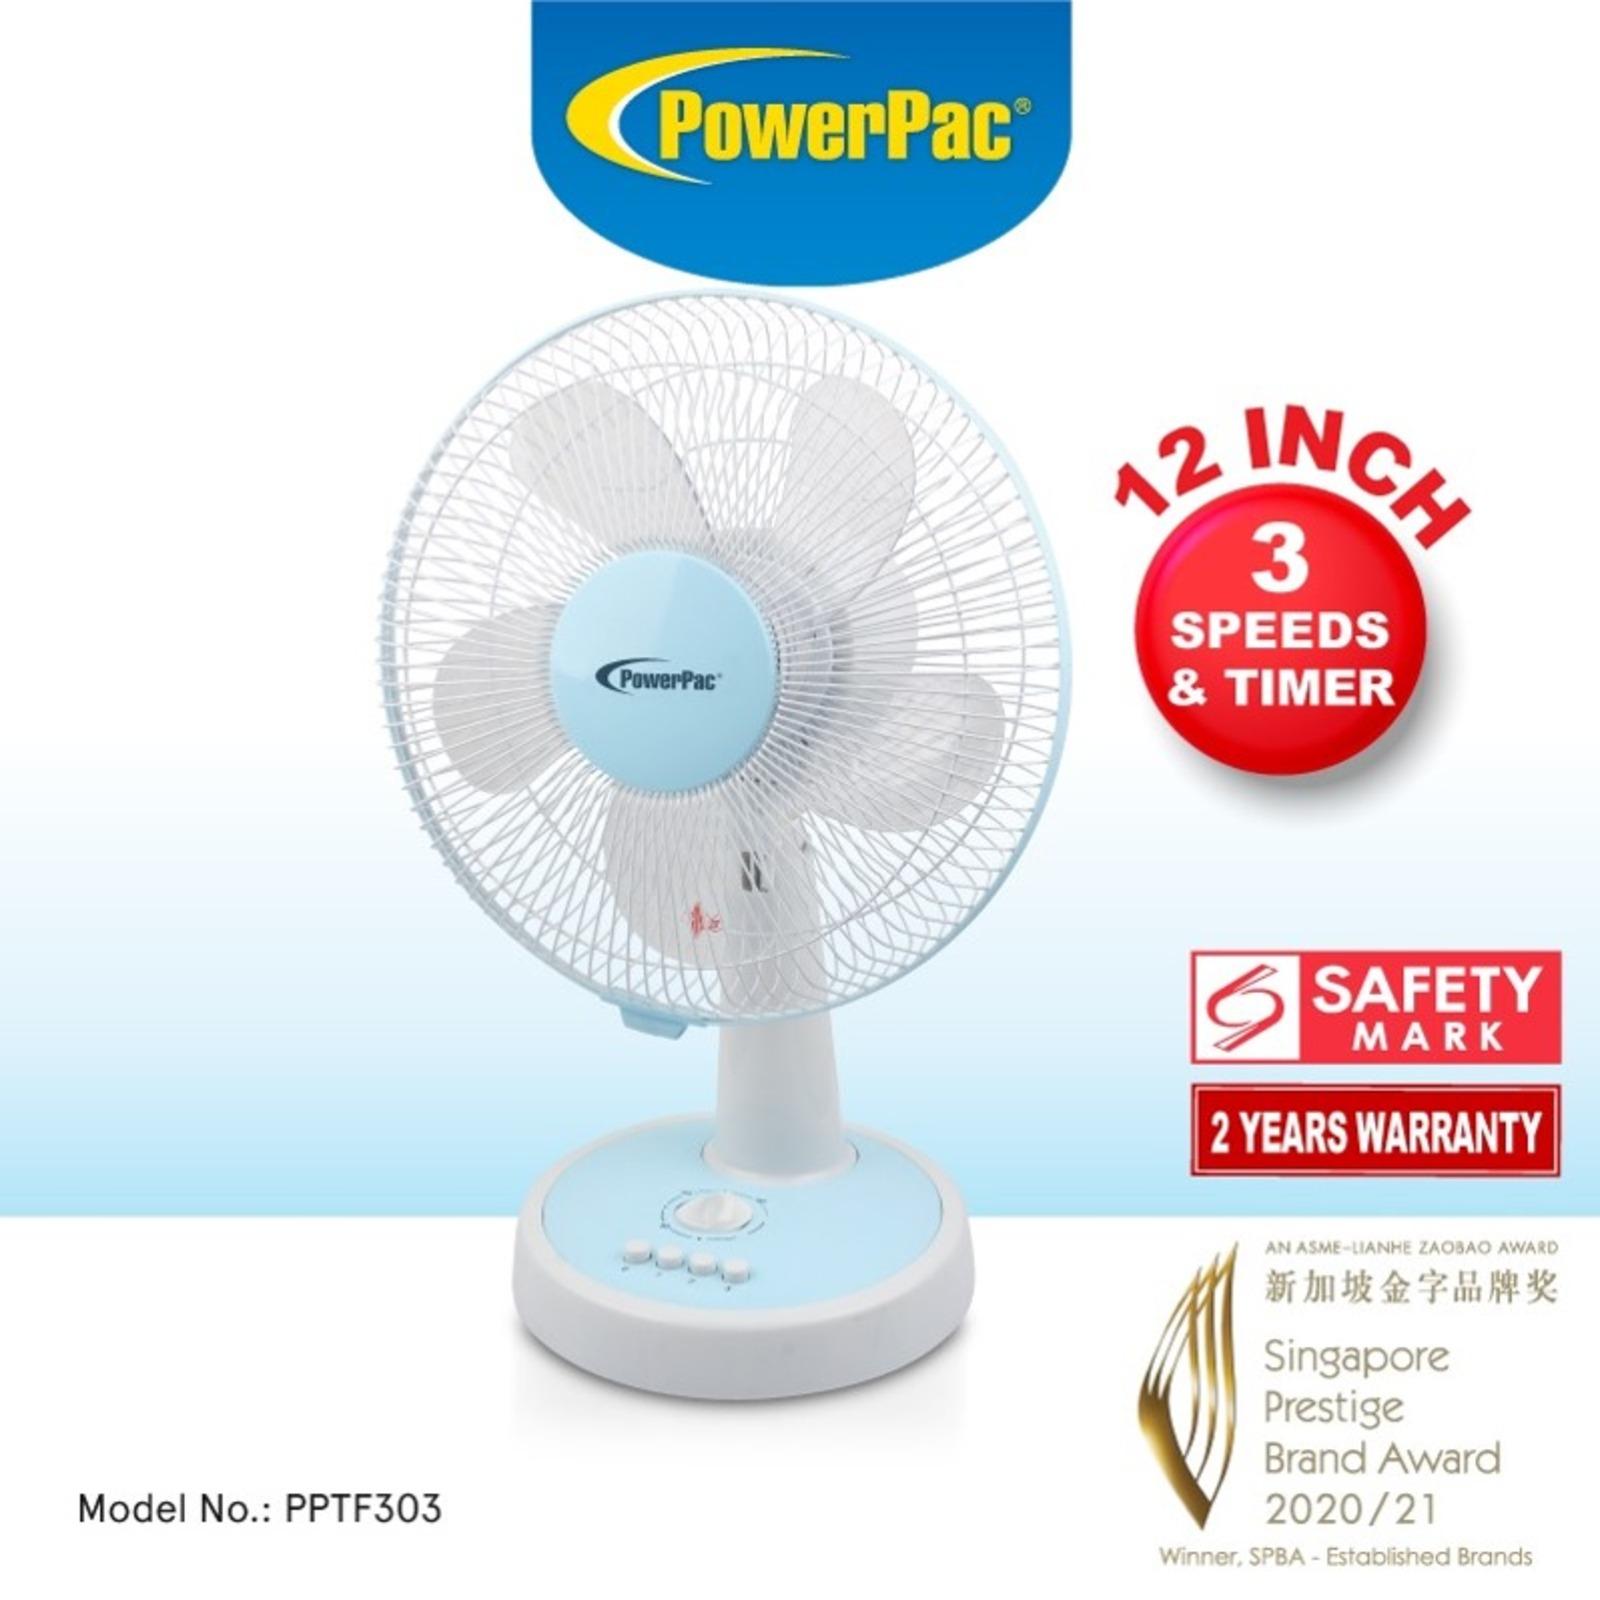 PowerPac (PPTF303) 12 Inch Desk Fan